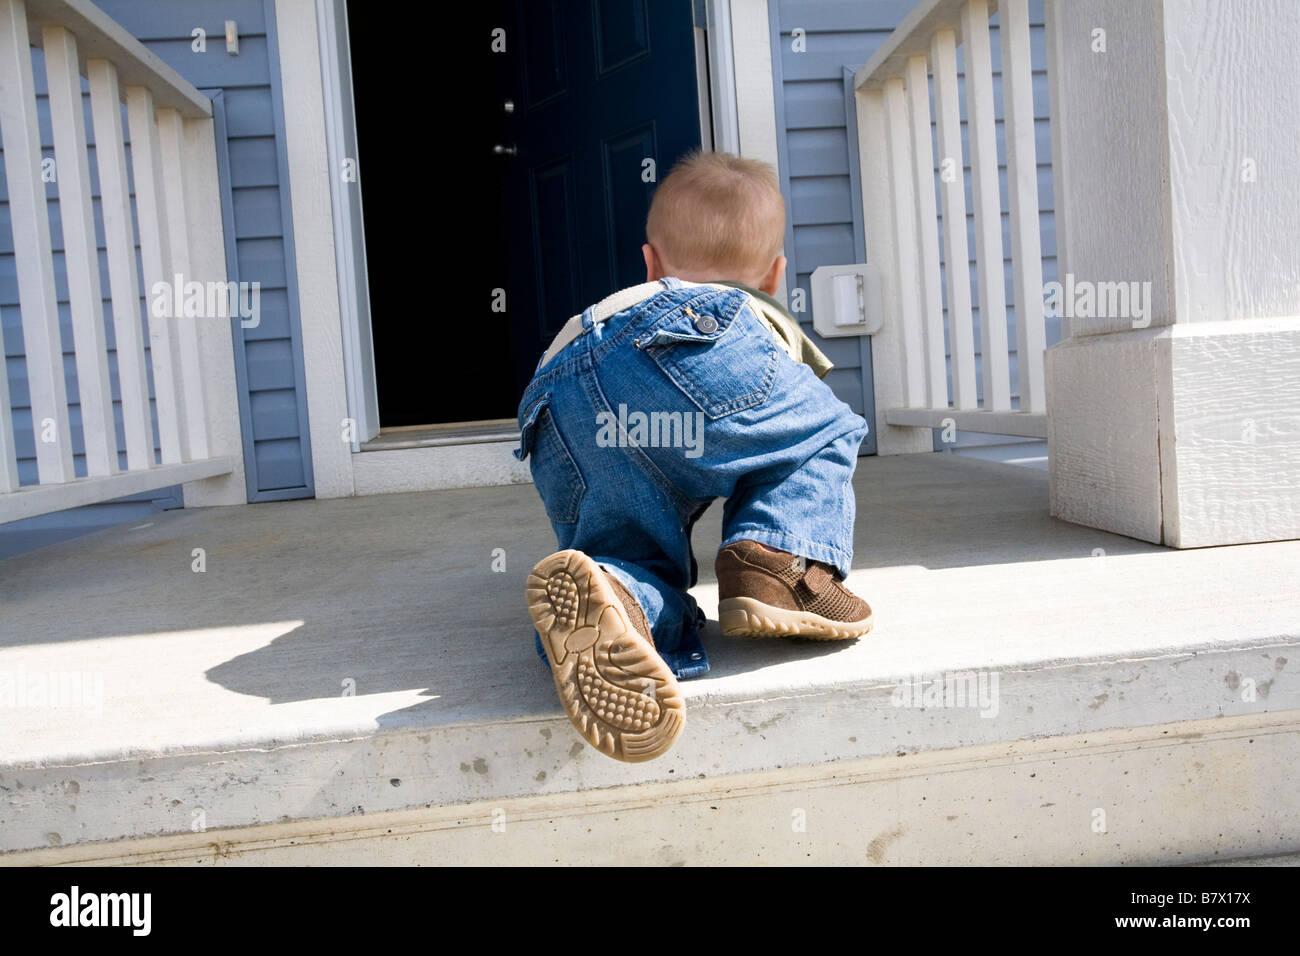 Child crawling towards open door - Stock Image